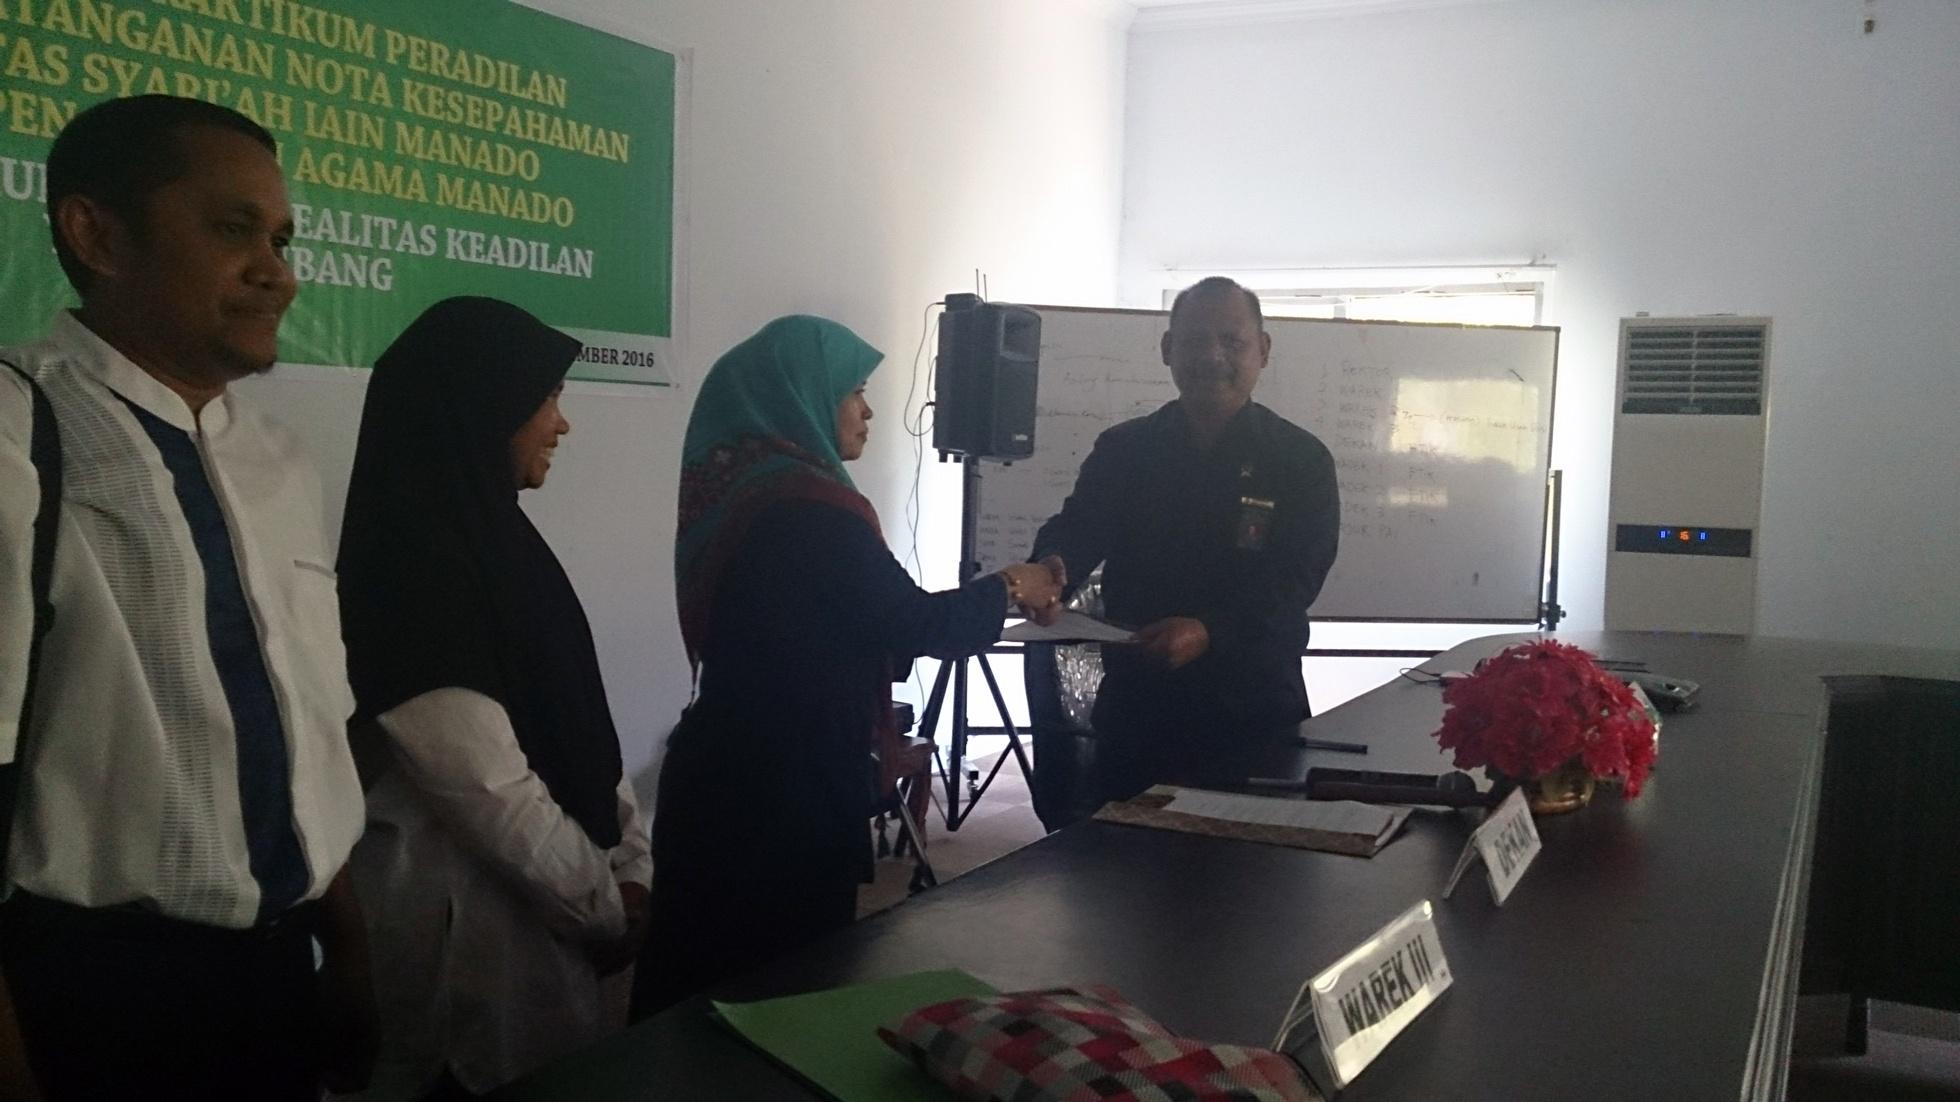 Pembekalan Praktikum IAIN Manado Oleh Ketua Pengadilan Agama Manado